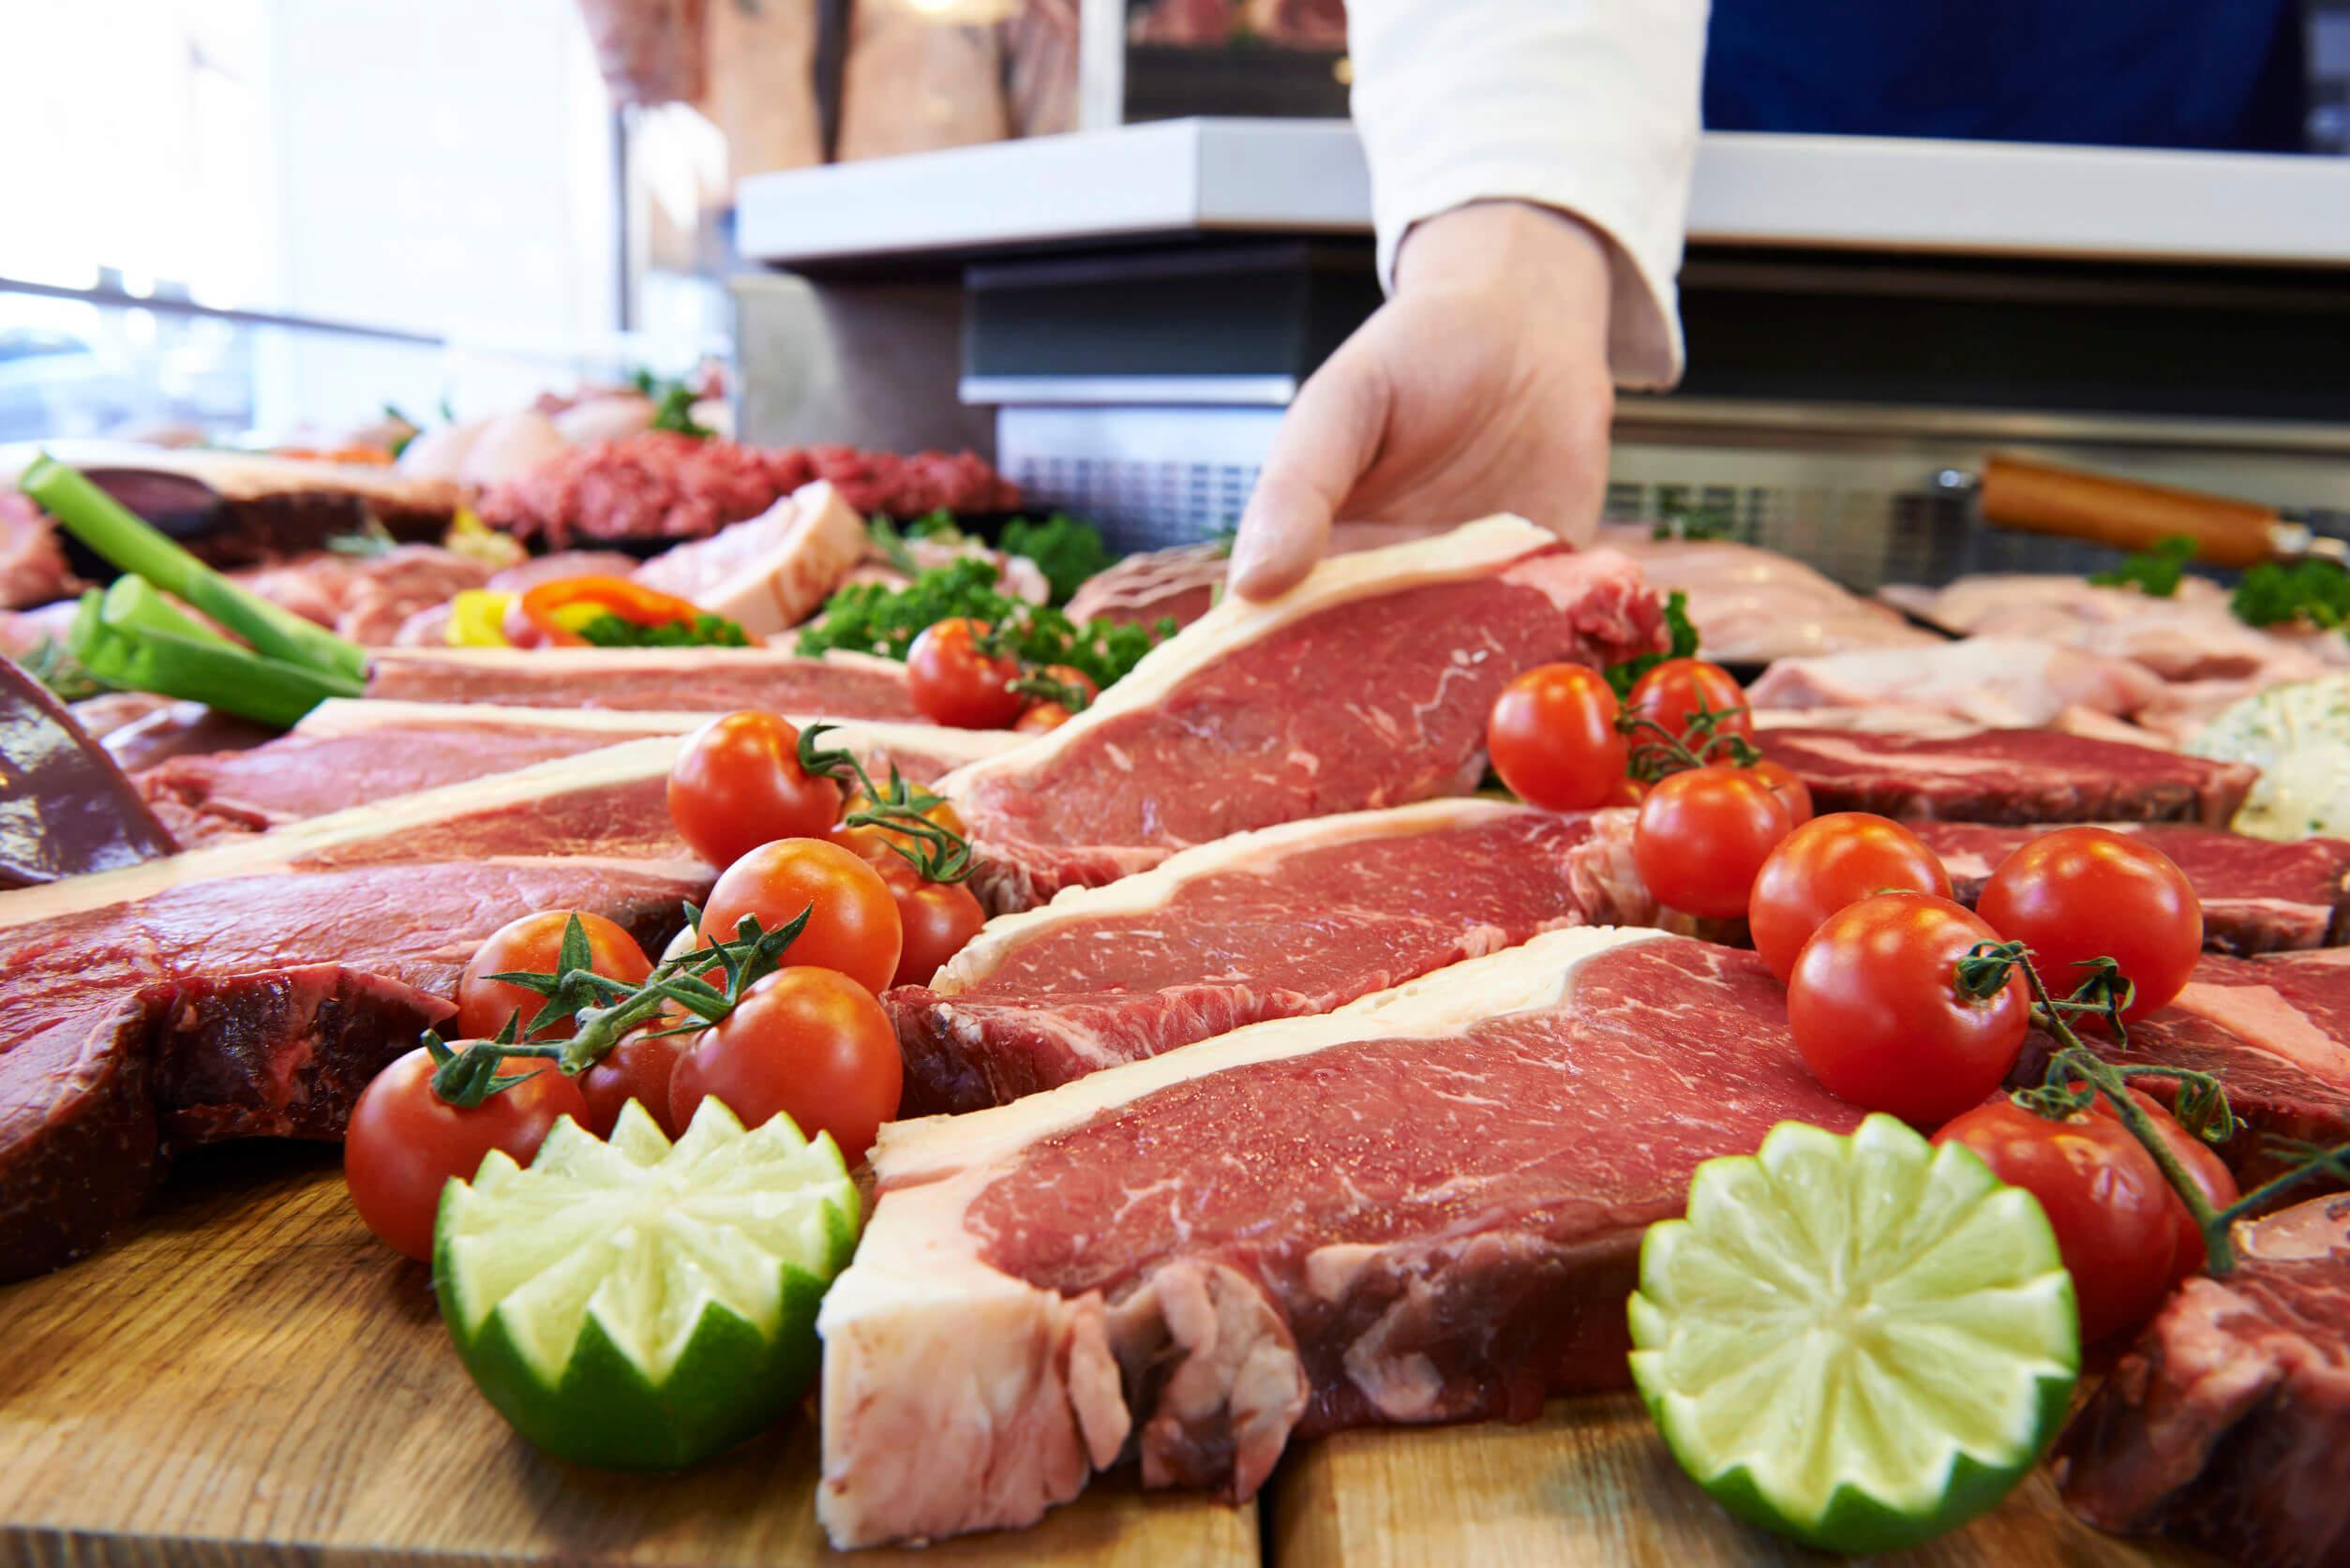 Las carnes congeladas tienen unas reglas para descongelarse.